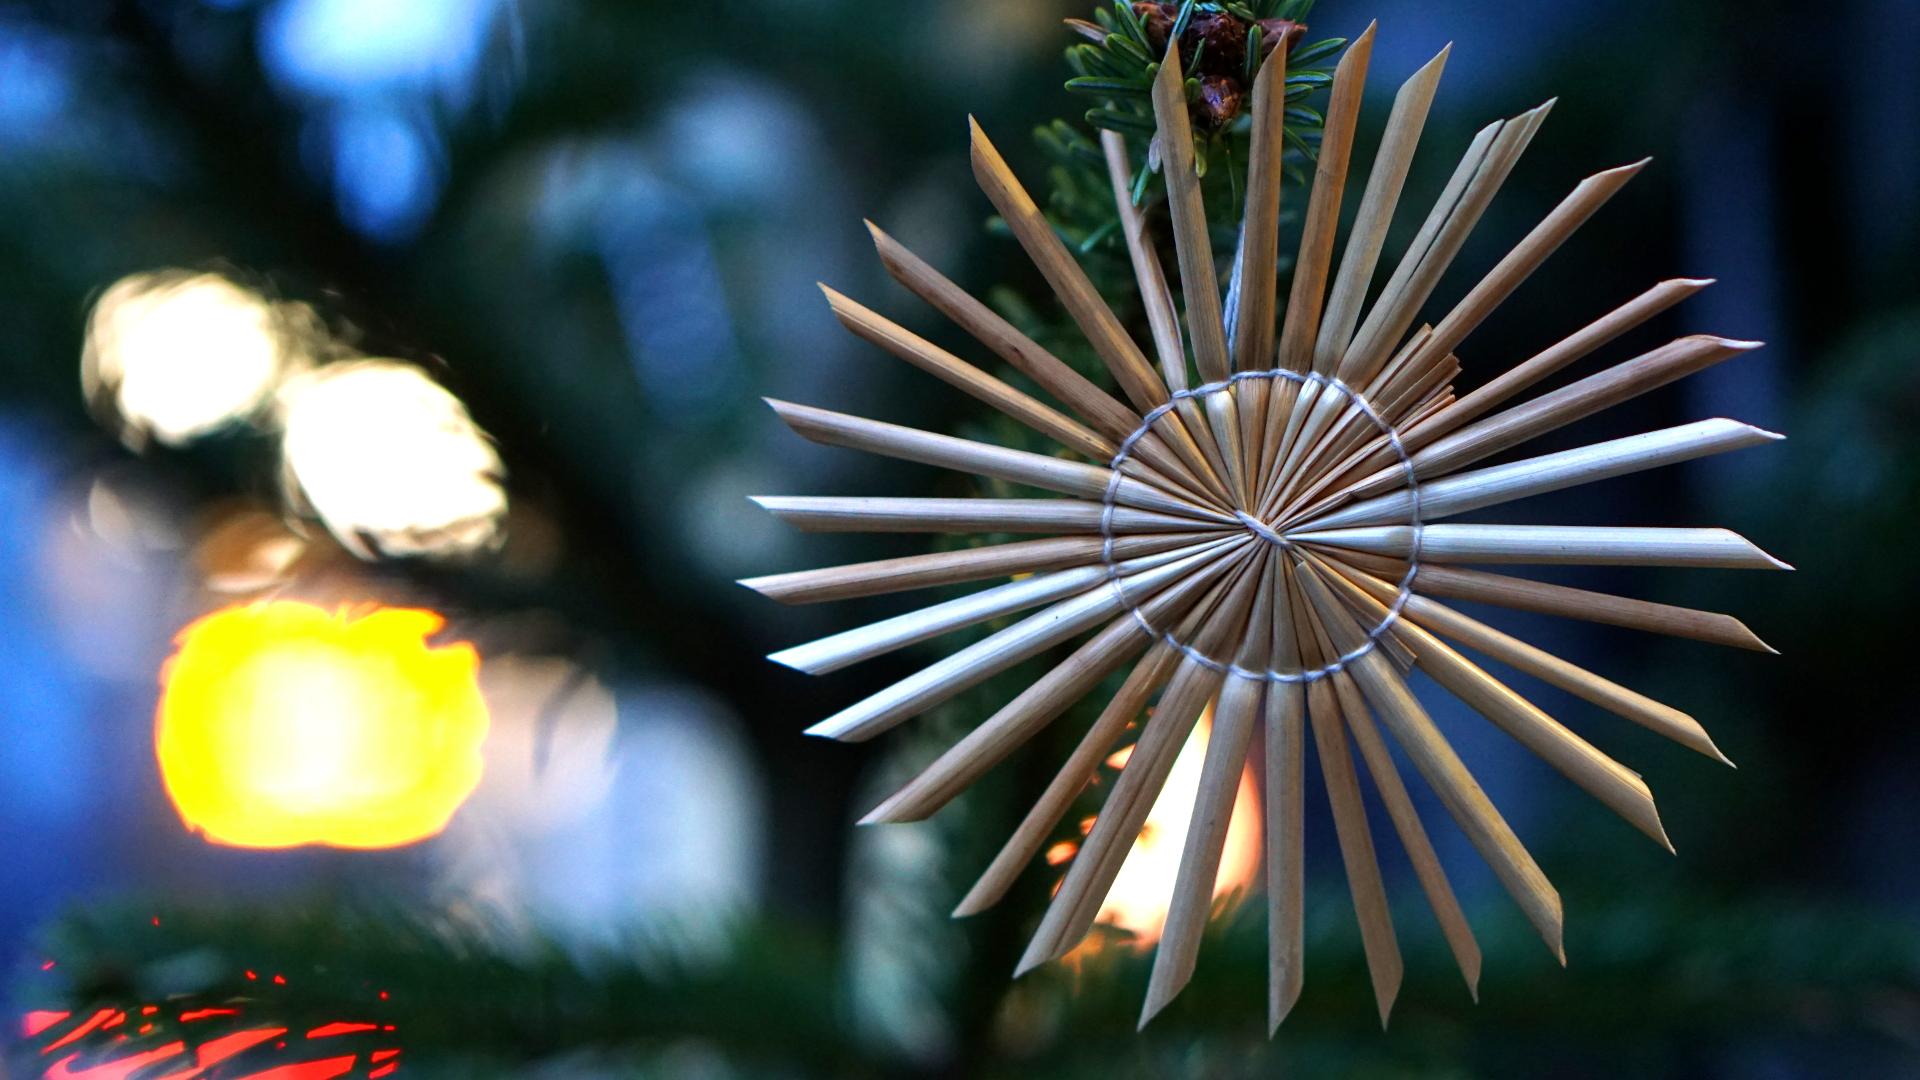 Strohstern am Christbaum — Weihnachten 2017